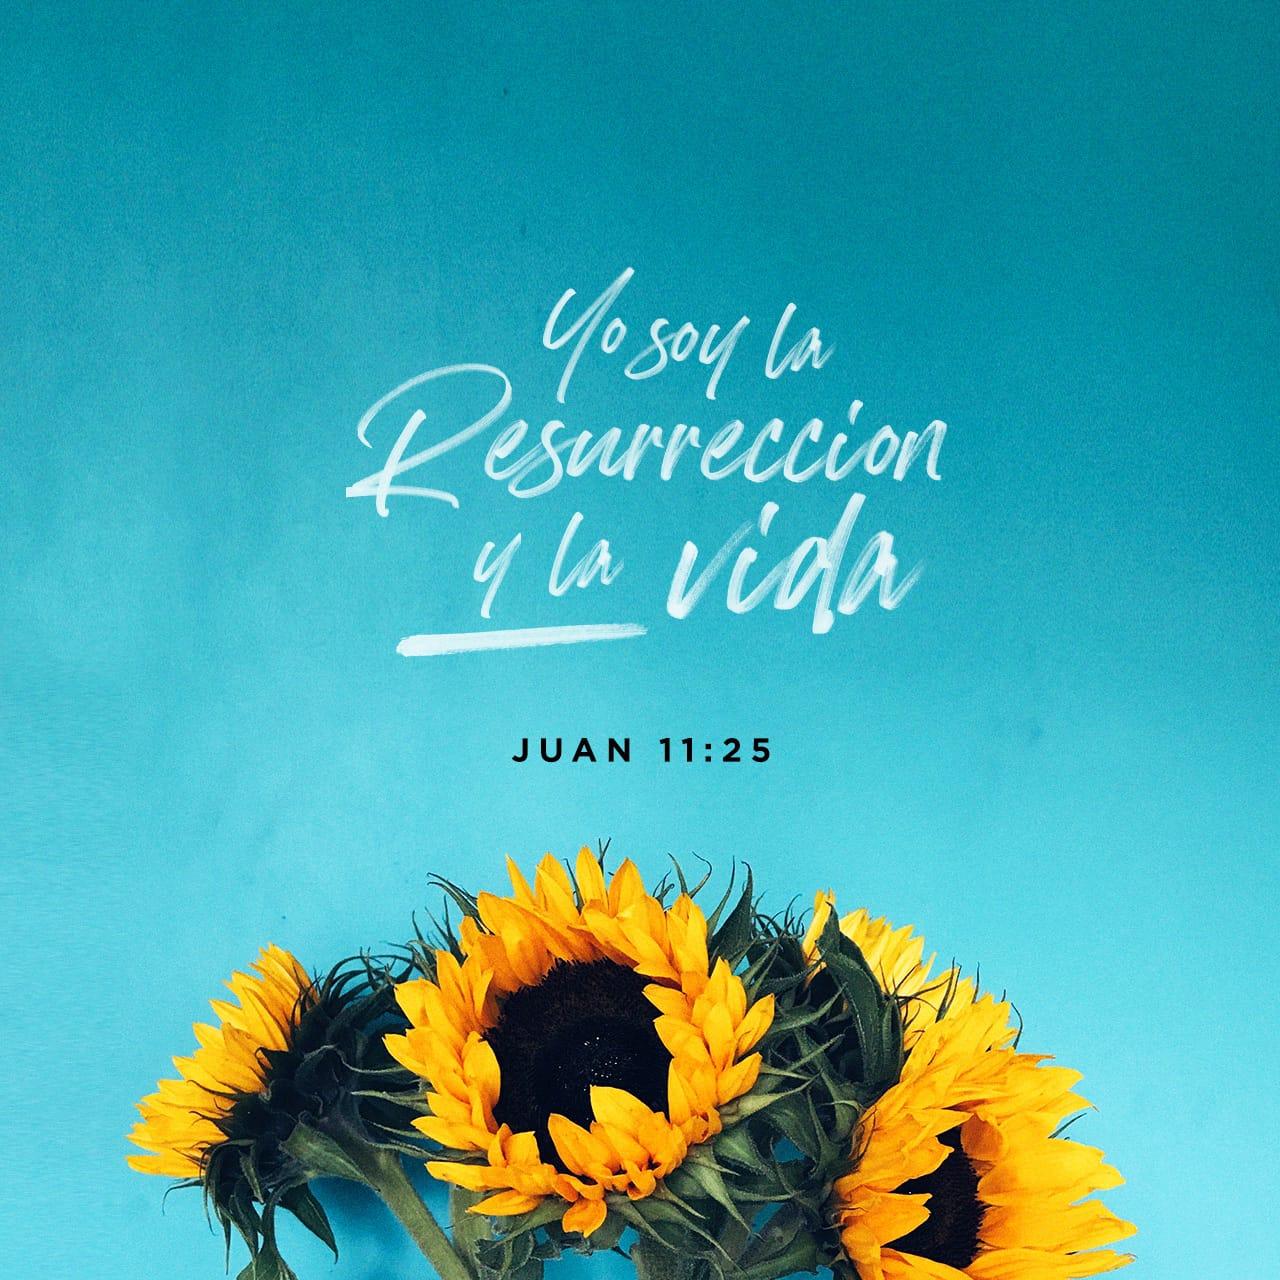 Imagen de Versículo para Juan 11:25